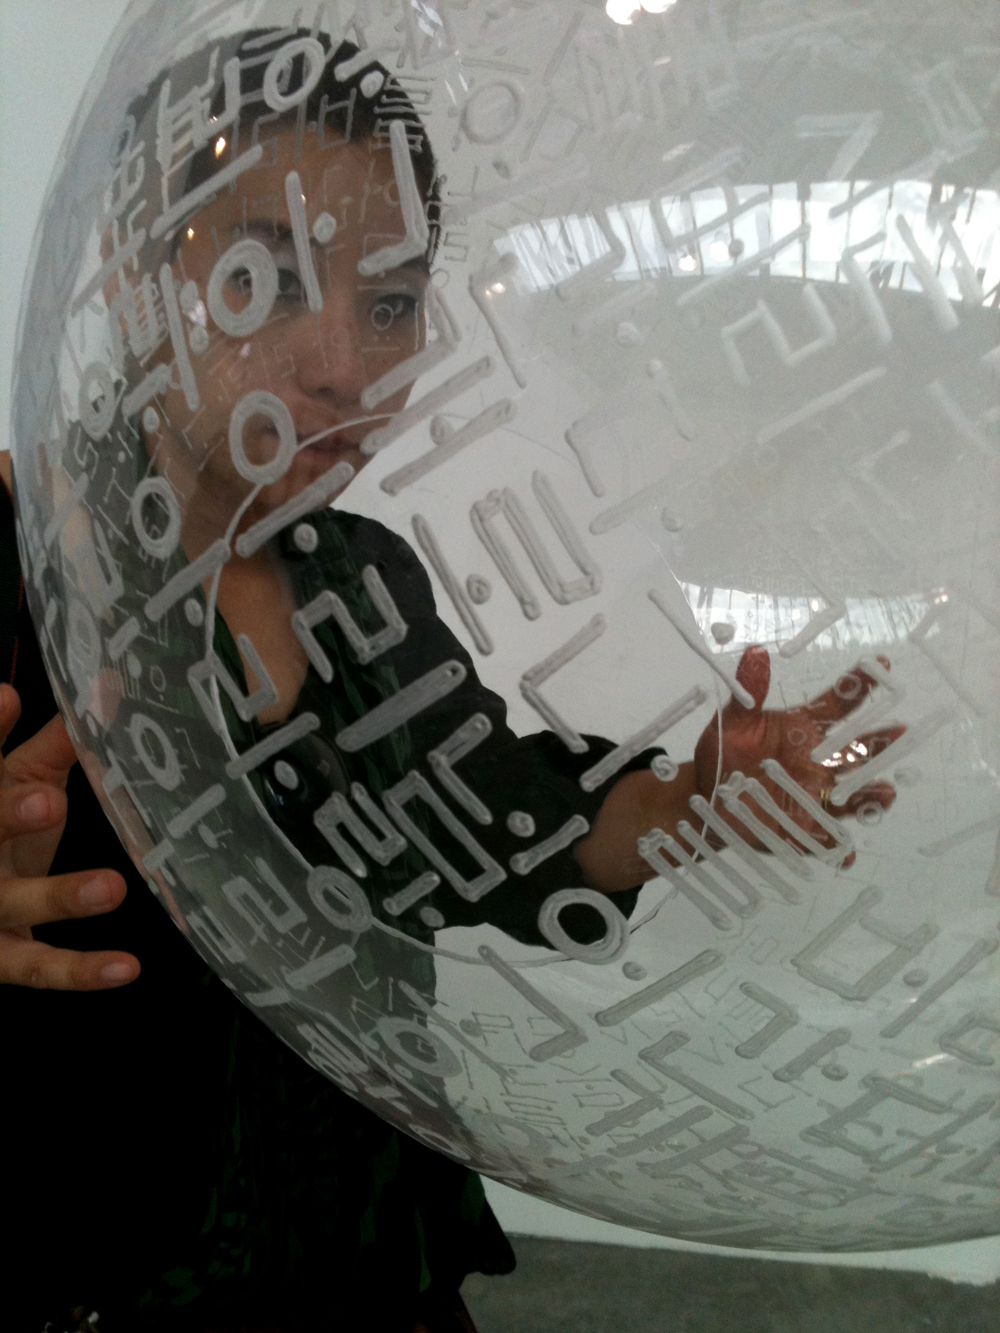 Ho Jin Jung 1. Arirang Spheres @ Arsenale Novissimo, Padiglione Accademia della Biennale di Venezia 2011, courtesy the artist